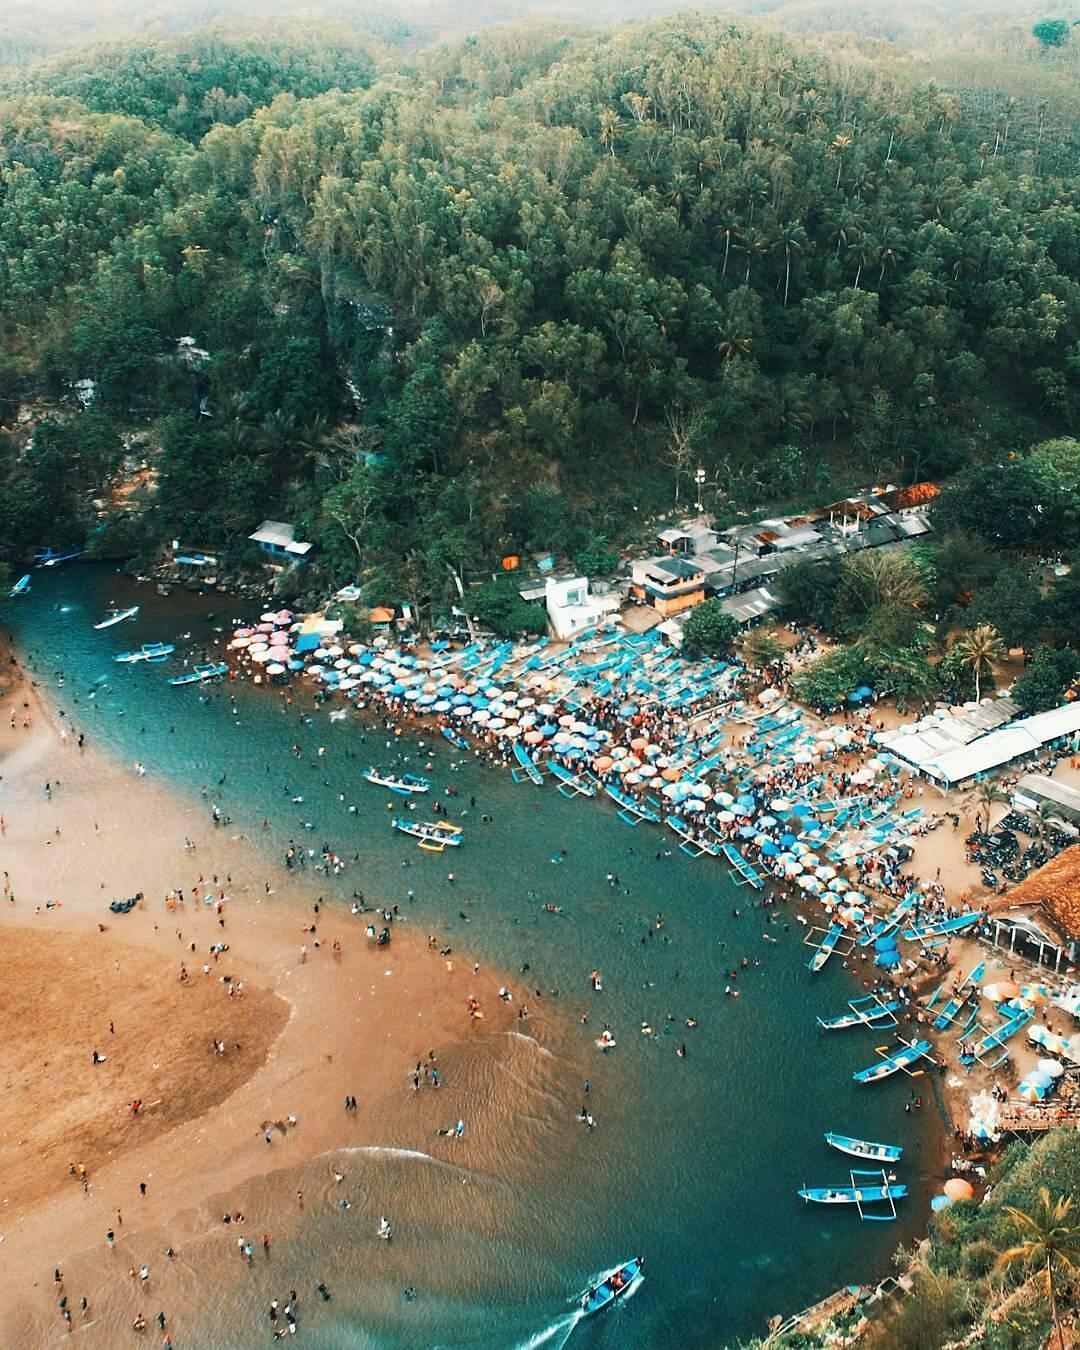 https://www.sarahbeekmans.com/blog/wp-content/uploads/2018/05/Baron-Beach-Yogyakarta-2.jpg